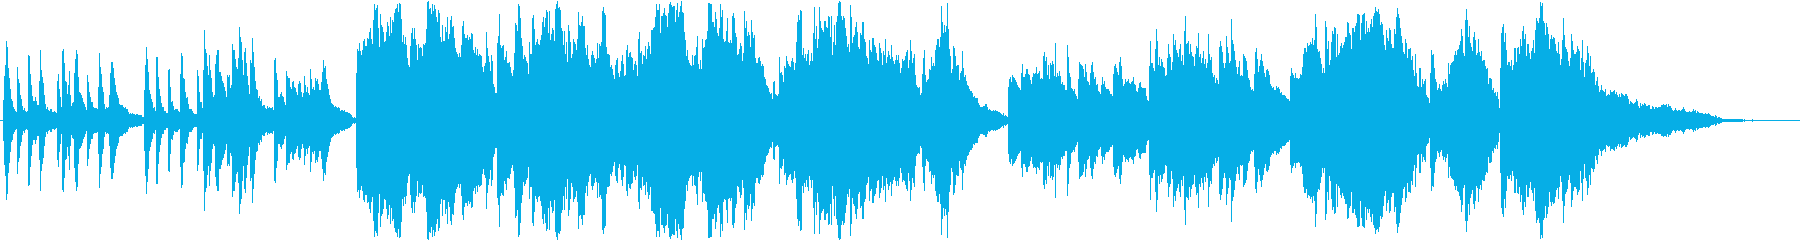 ピアノとチェロの悲しく切ないバラードの再生済みの波形